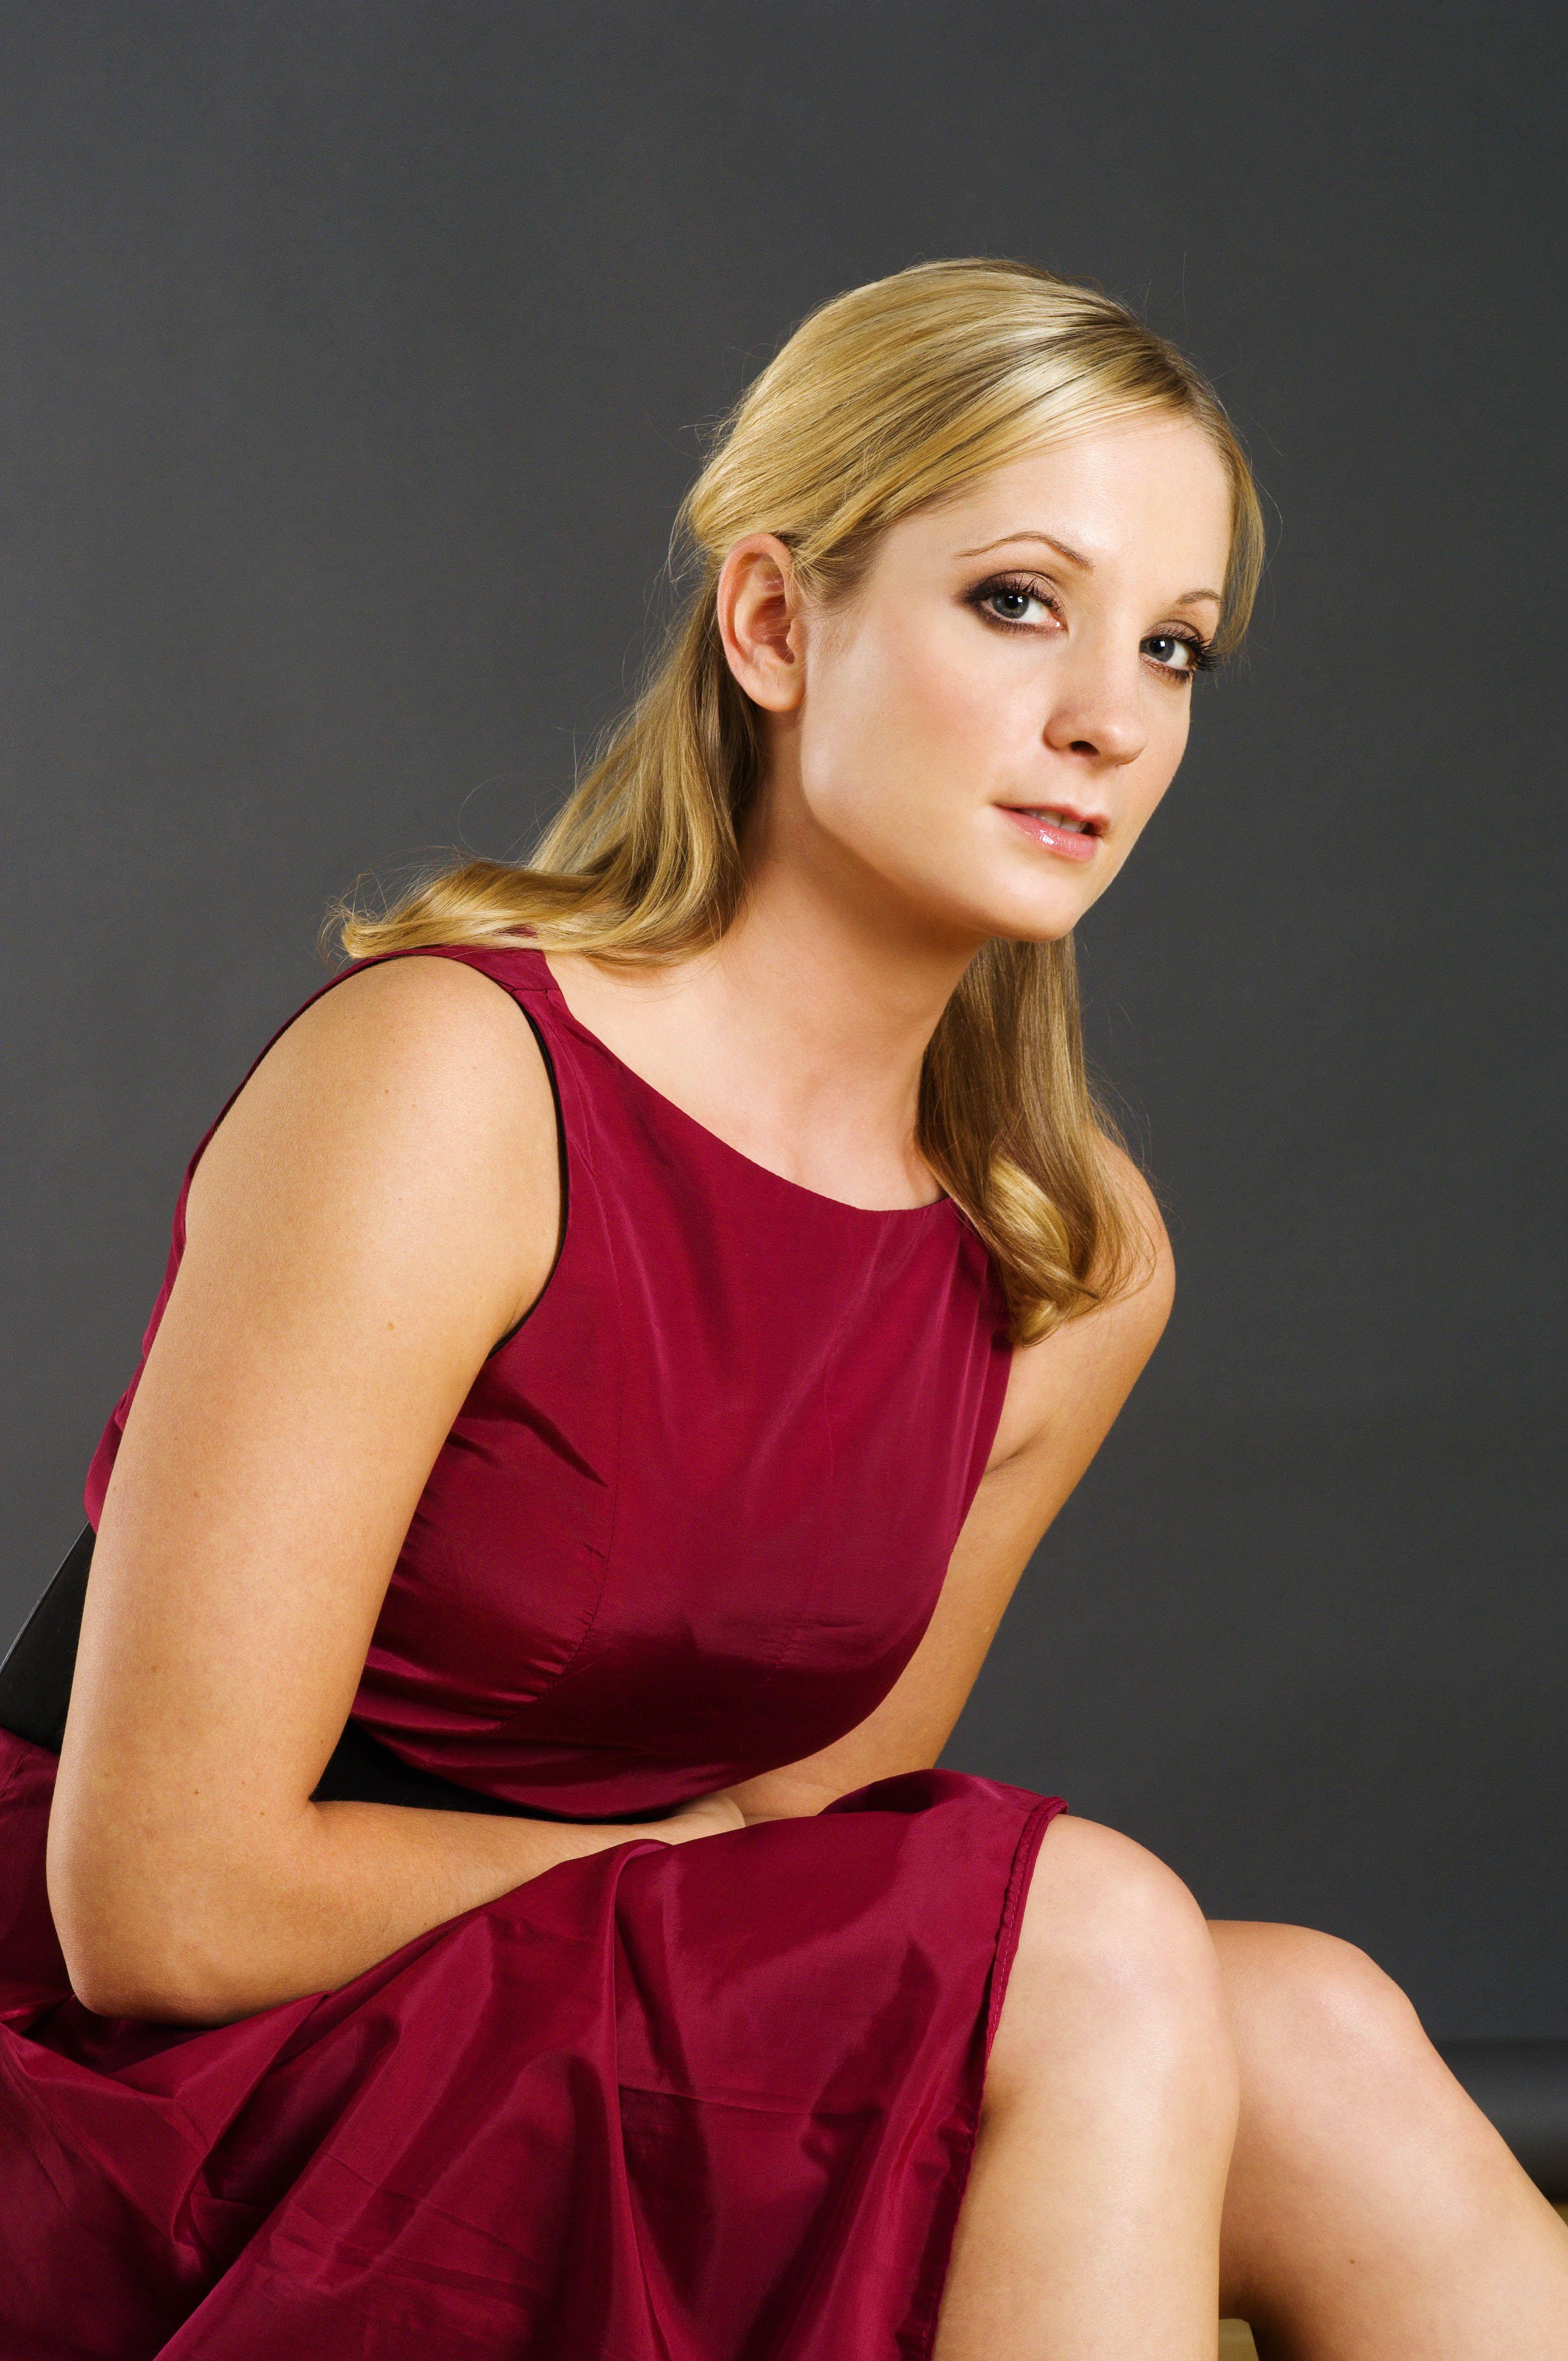 Joanne Froggatt | Downton Abbey | Pinterest